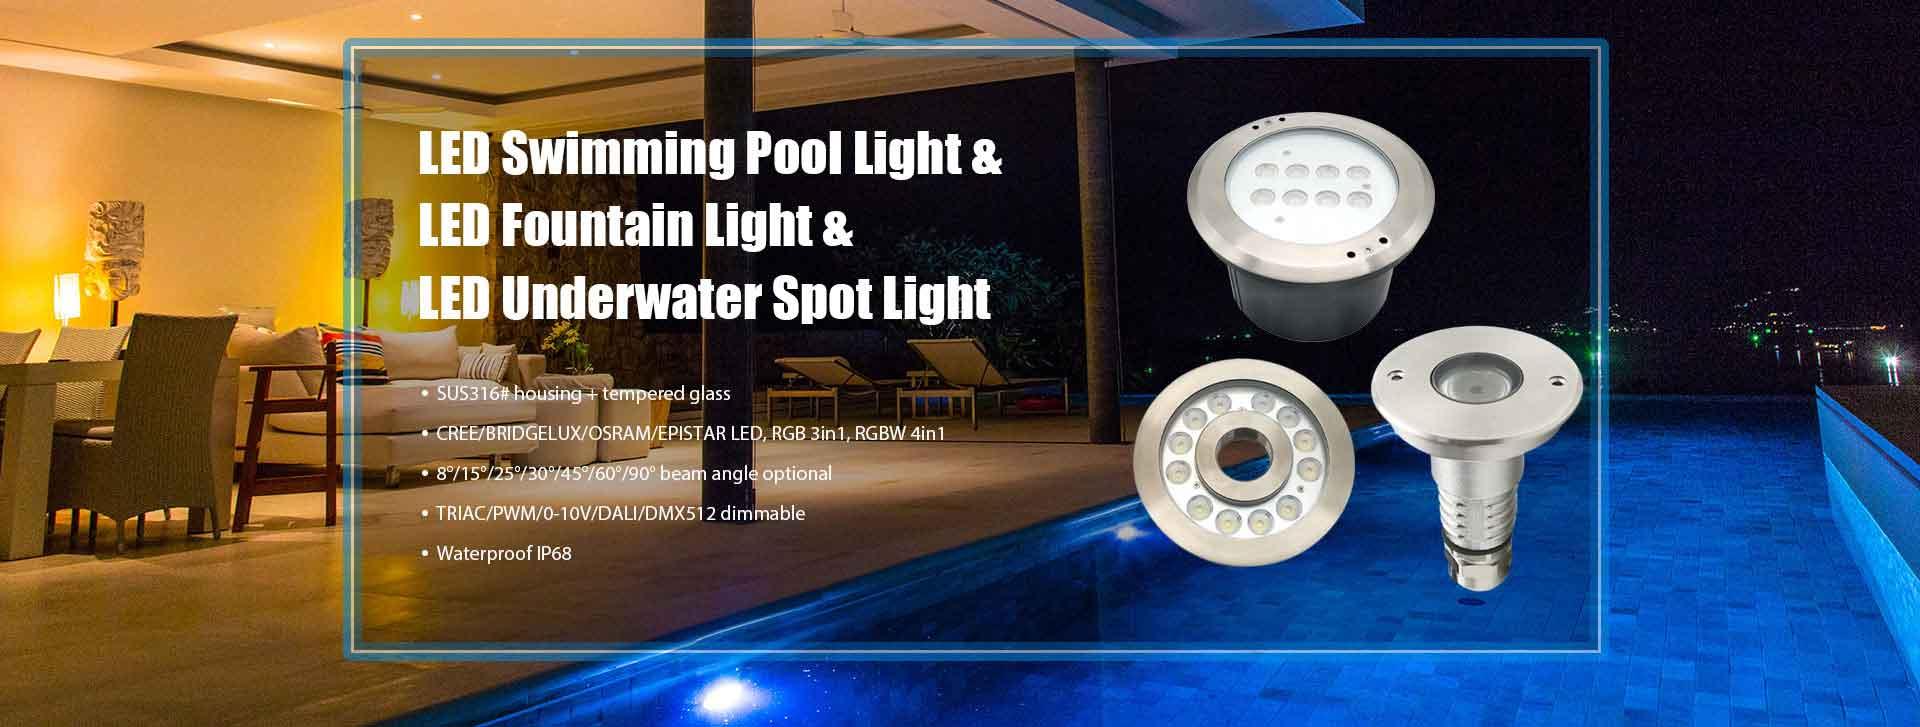 LED Swimming Pool Light LED Fountain Light LED Underwater Spot Light